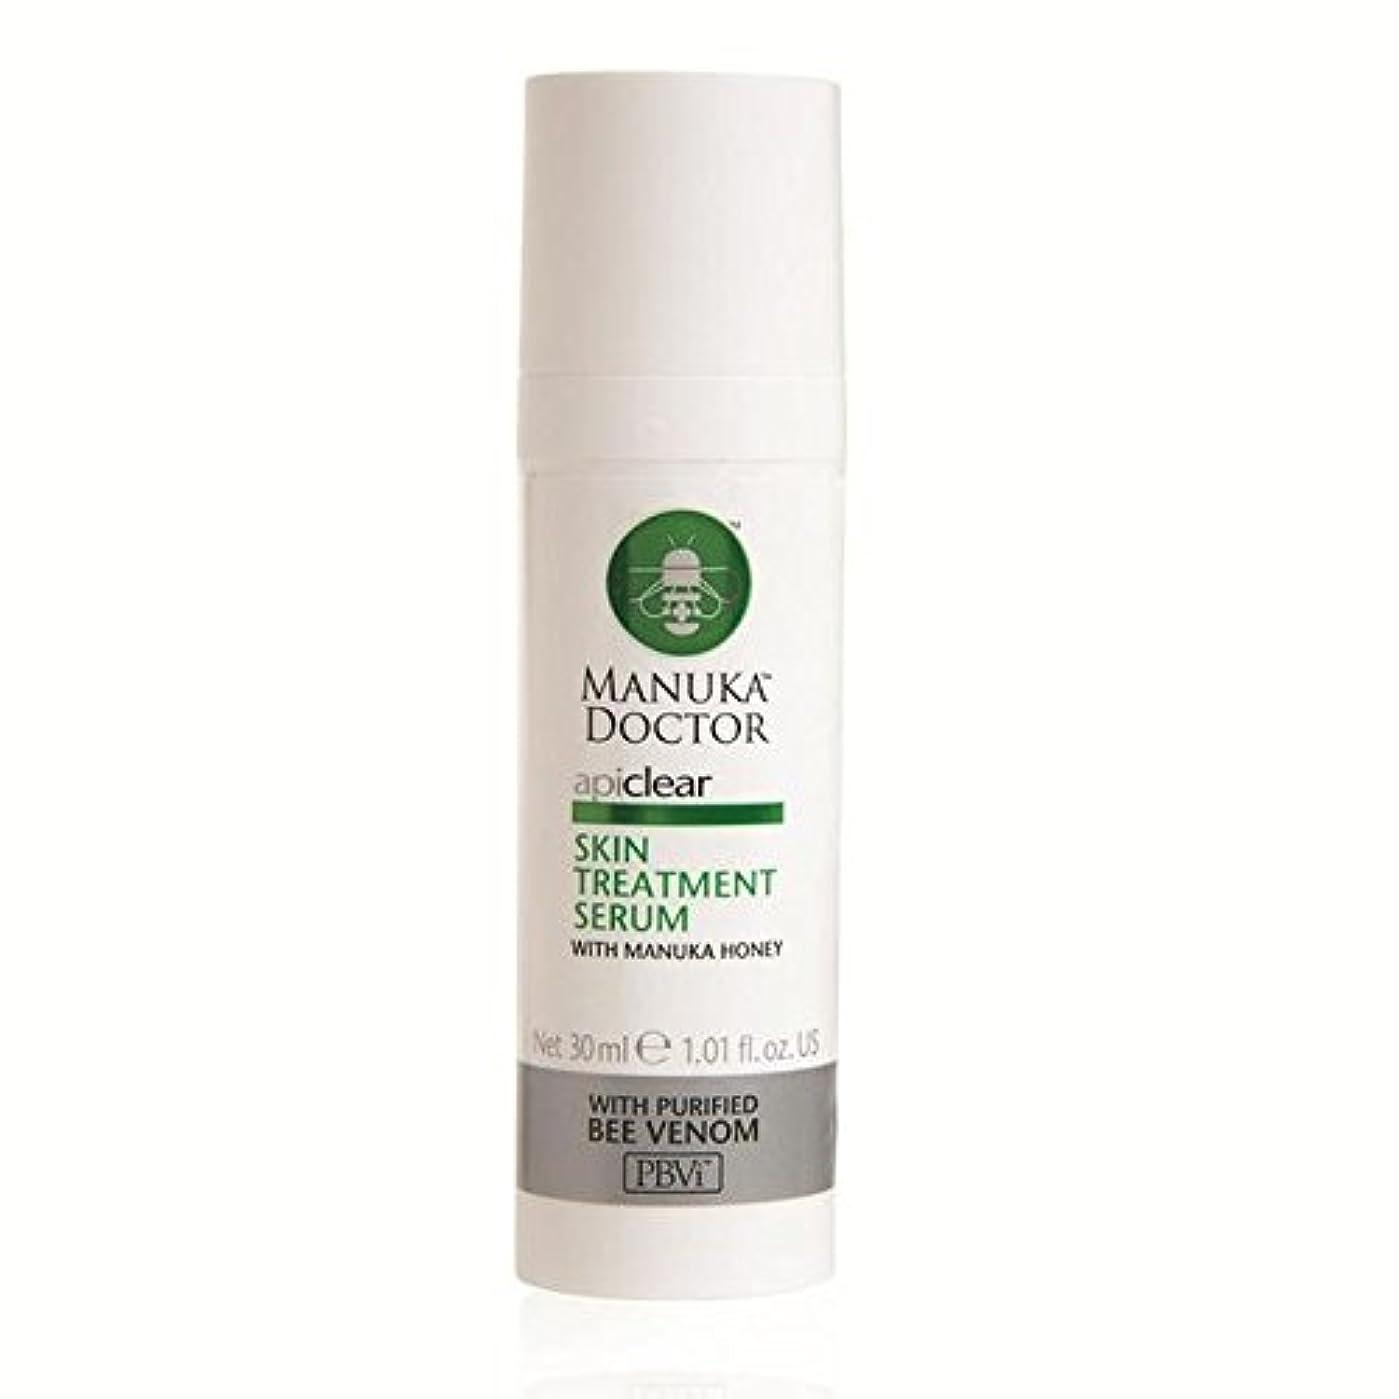 歴史的バラエティ名目上のManuka Doctor Api Clear Skin Treatment Serum 30ml - マヌカドクターをクリアスキントリートメントセラム30 [並行輸入品]